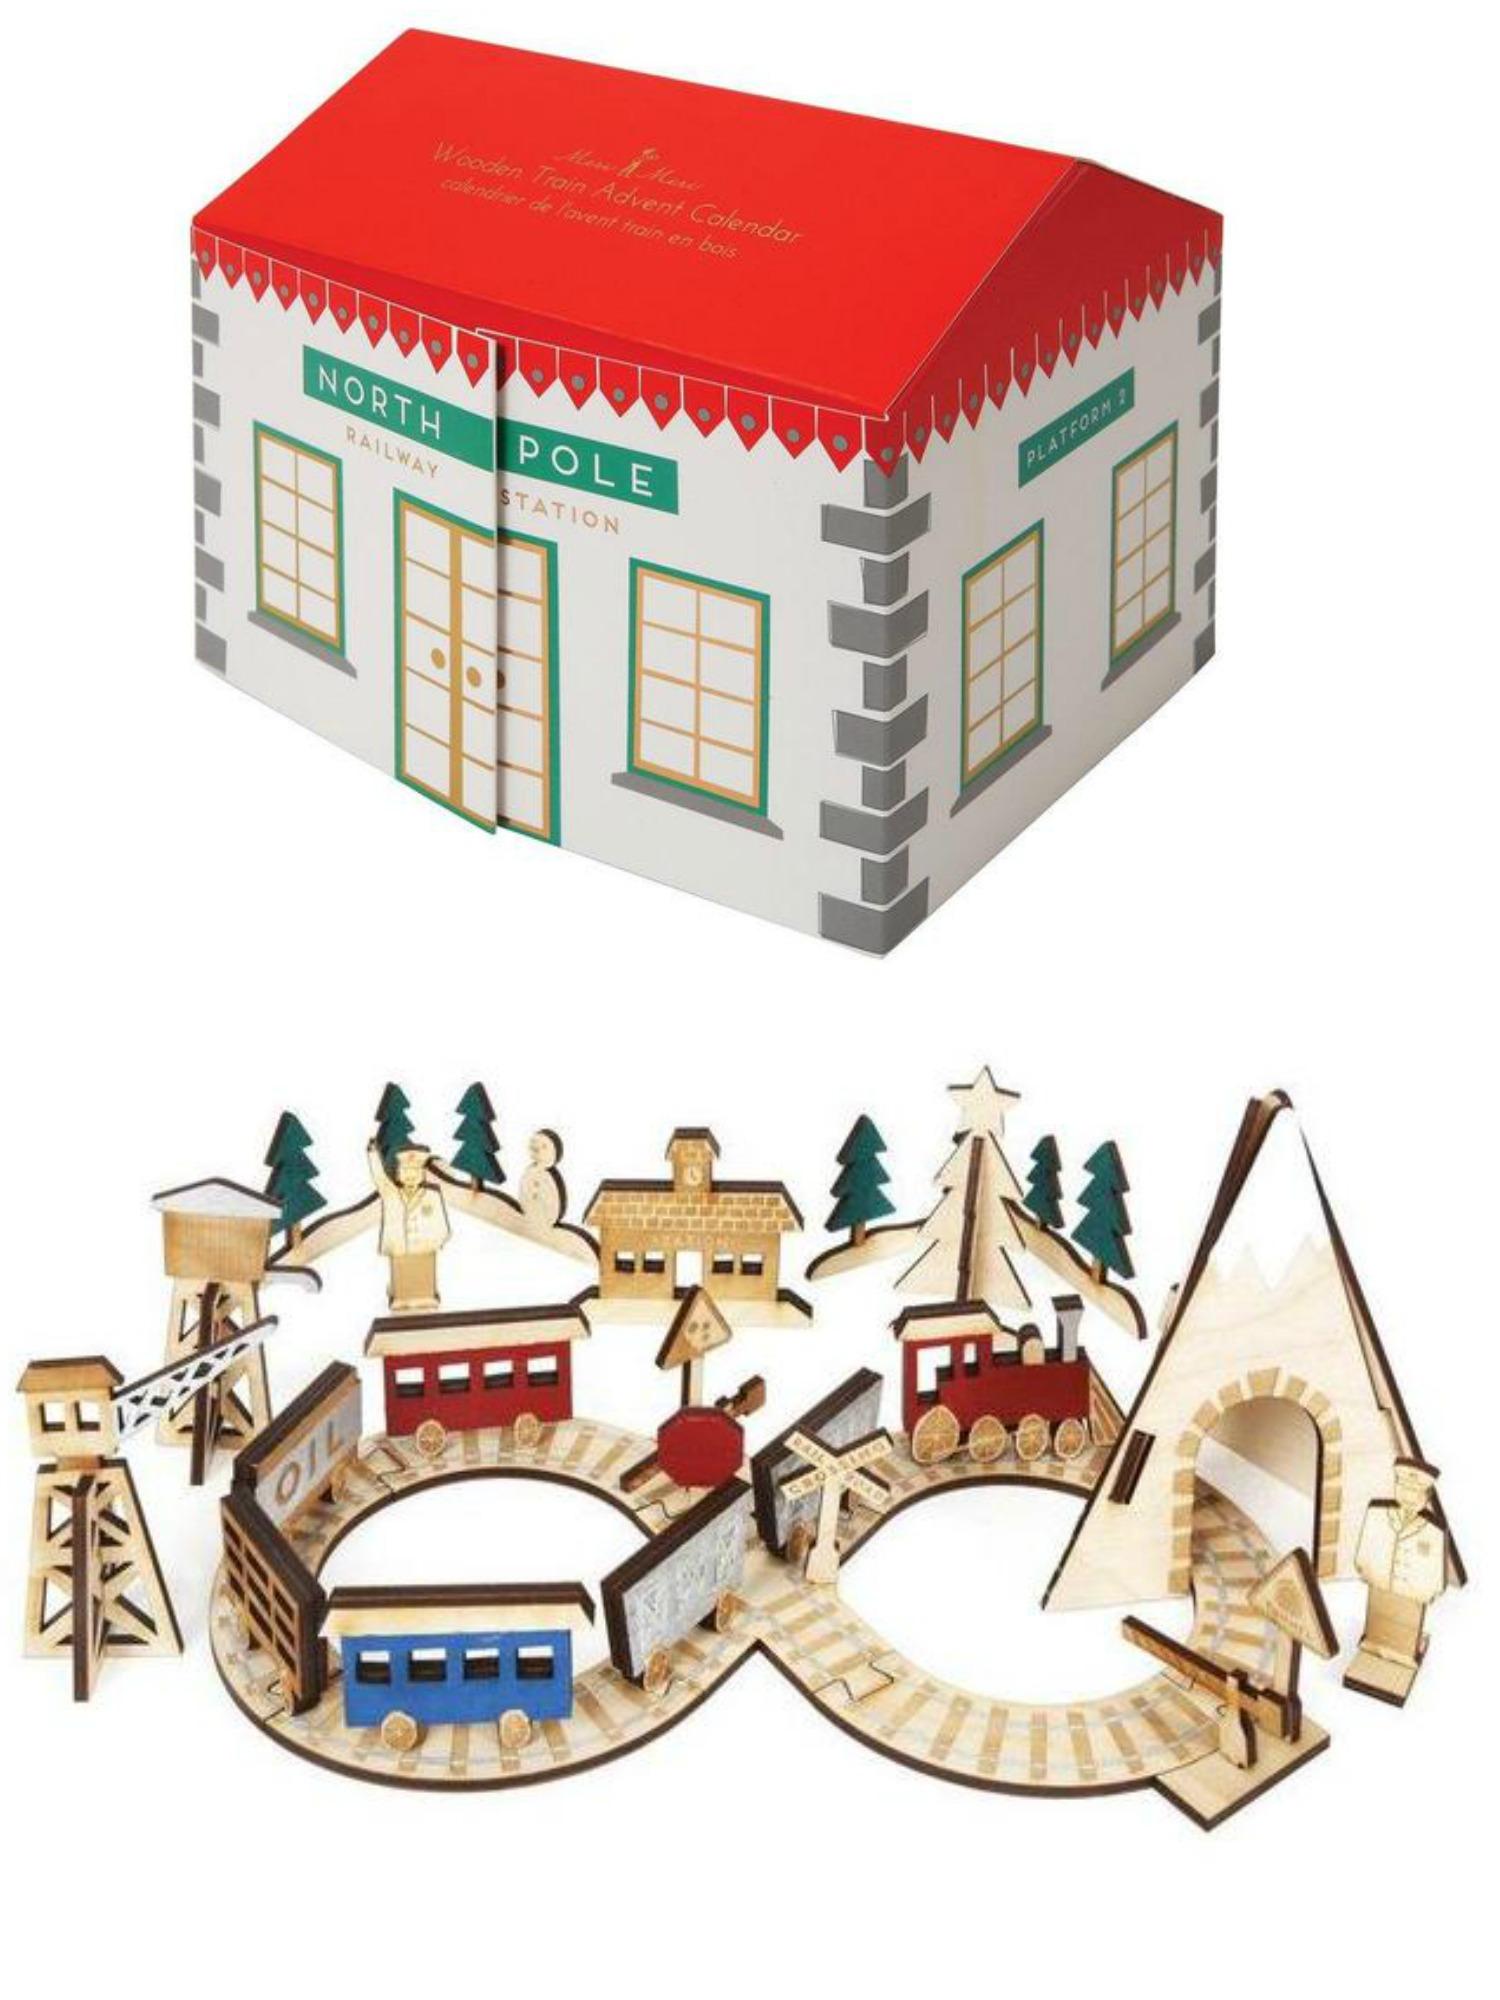 Coolest advent calendars | Meri Meri advent railway train